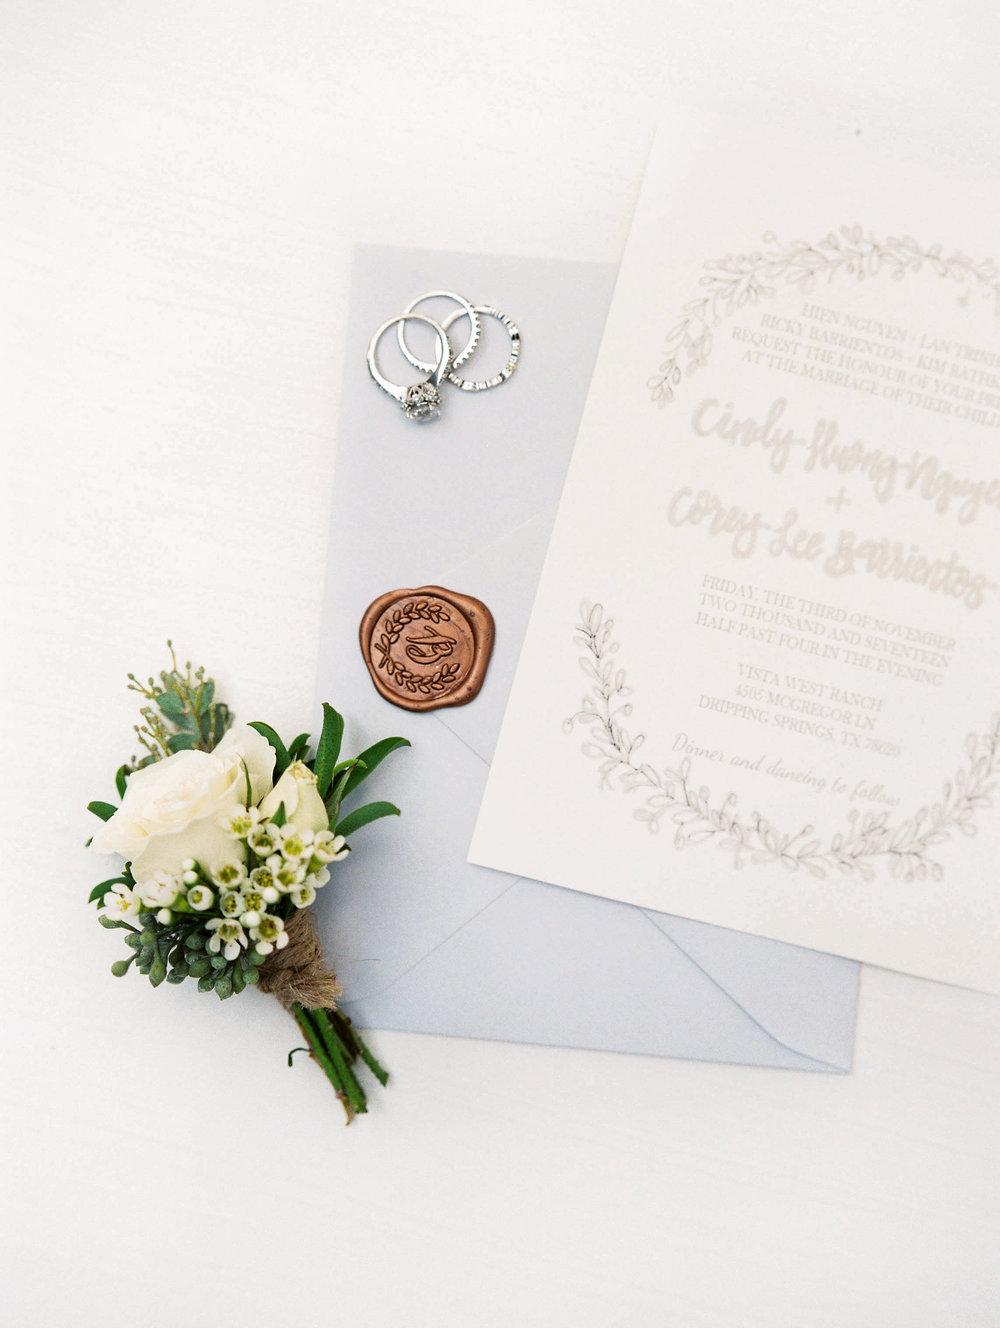 Cindy Corey Wedding-Details Getting Ready-0002.jpg